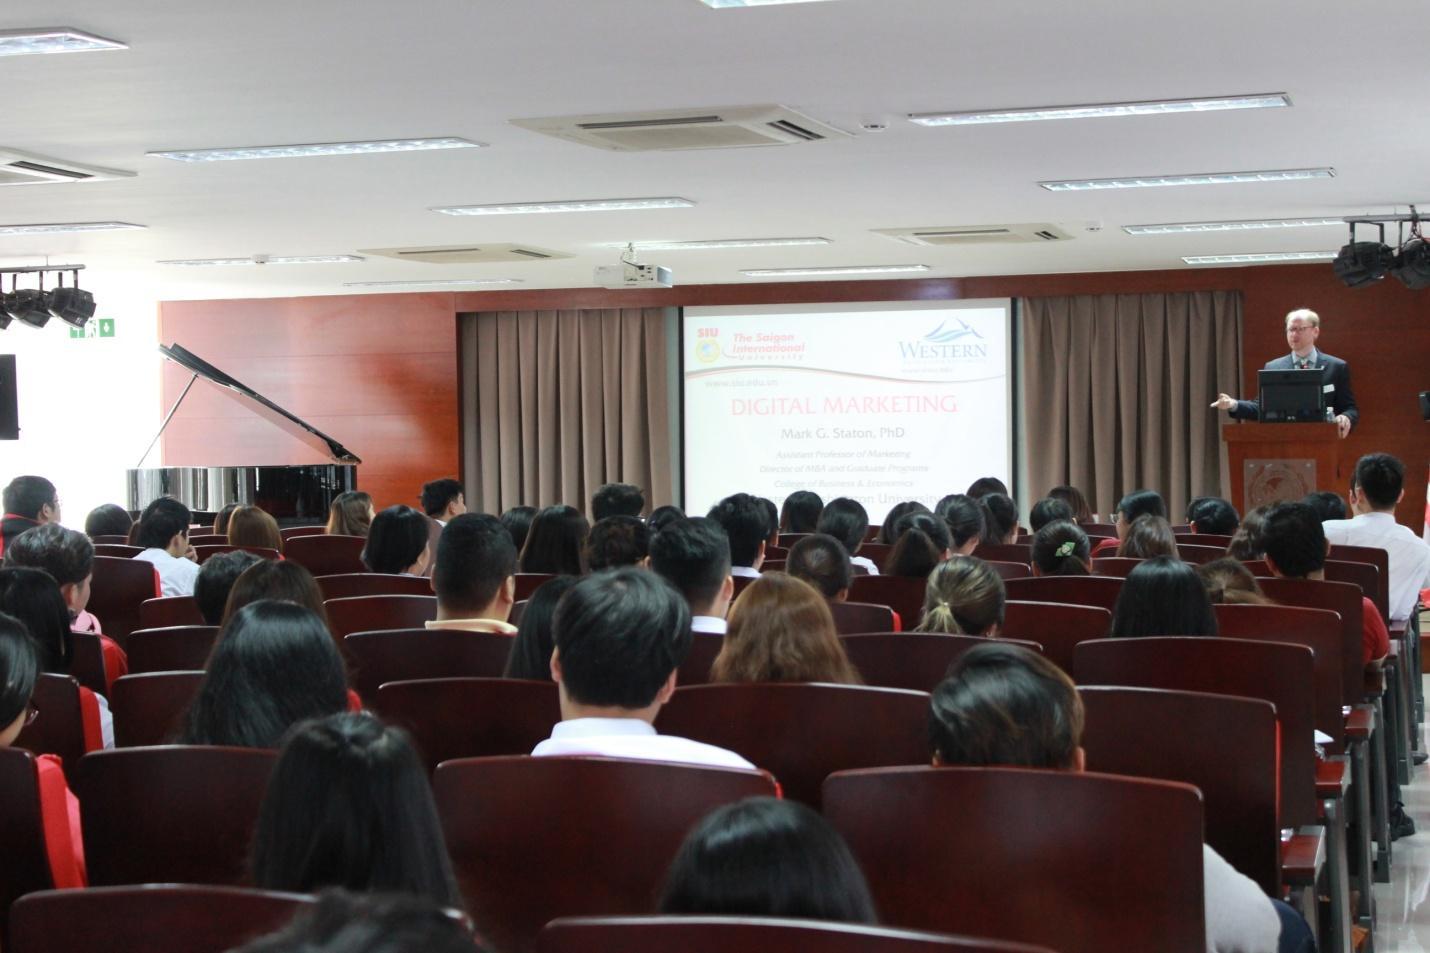 Đại học Quốc tế Sài Gòn (SIU) công bố xét tuyển bổ sung năm 2018 - Ảnh 1.